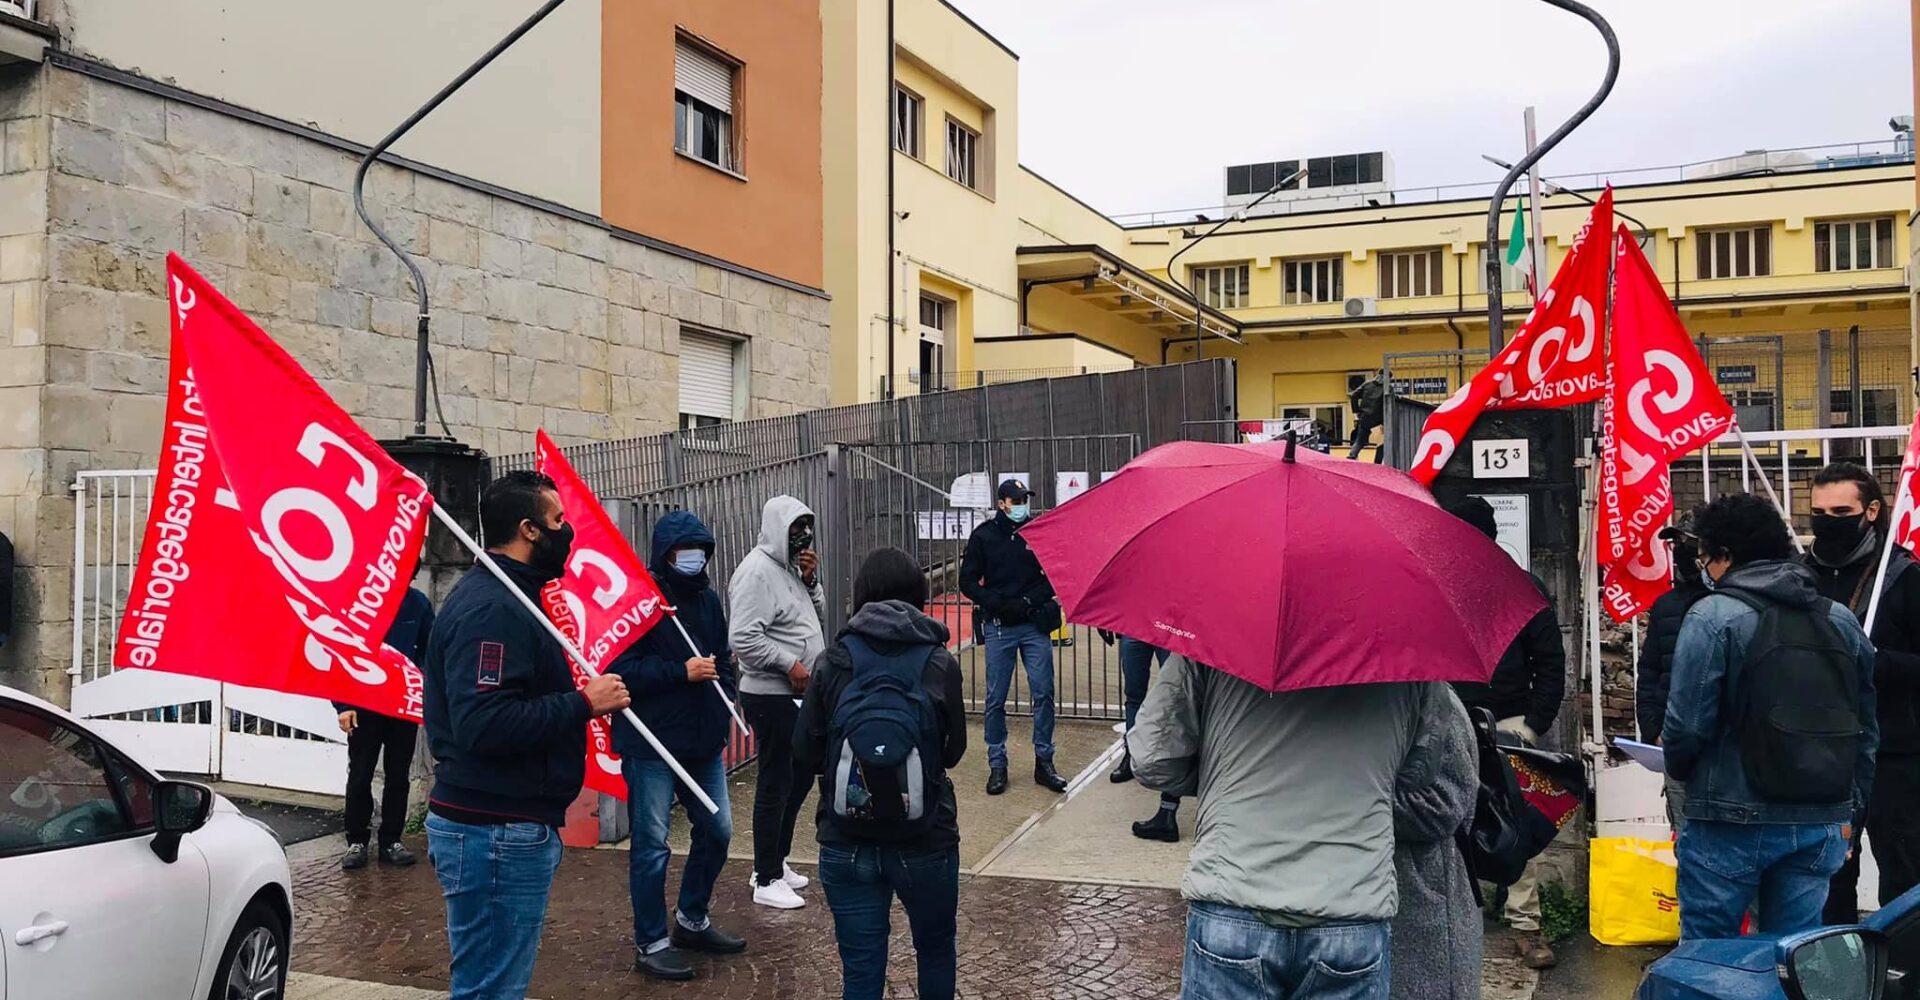 Bologna Ufficio Immigrazione Della Questura La Protesta Dei Lavoratori No Al Blocco Dei Permessi Liberta Di Circolazione Toccano Uno Toccano Tutti